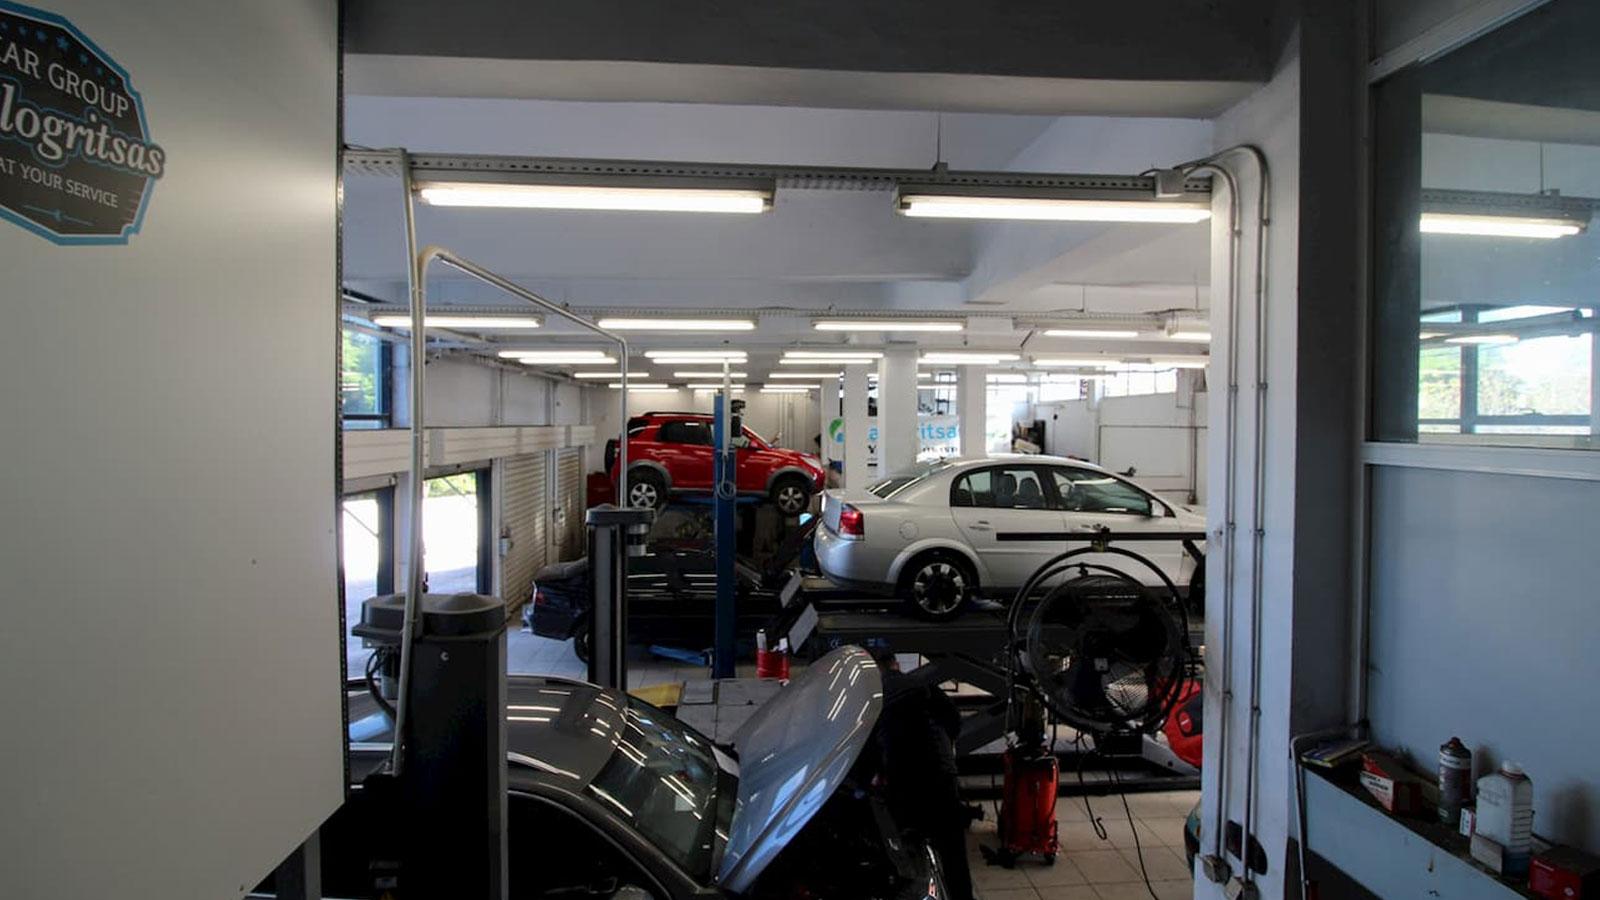 Η Car Group Kalogritsas διαθέτει σύγρονες εγκαταστάσεις και έμπειρο προσωπικό για να πραγματοποιήσουν μία τέλεια εγκατάσταση συστημάτων υγραεριοκίνησης.